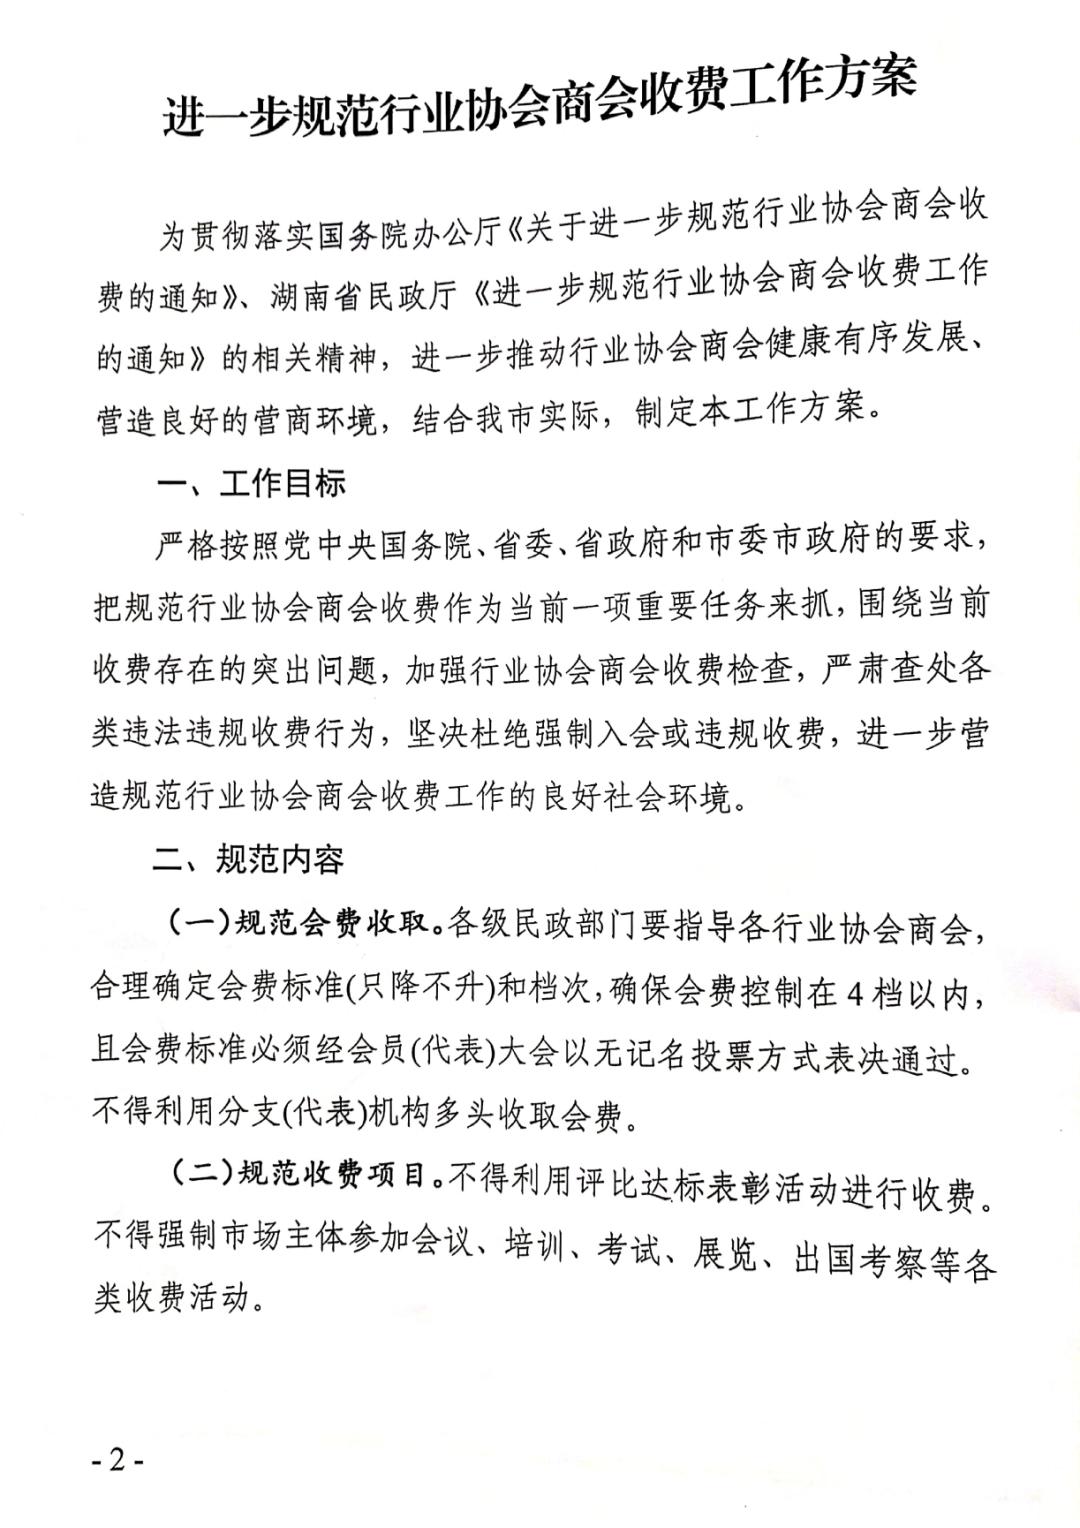 株洲市民政局关于进一步规范行业协会商会收费工作方案